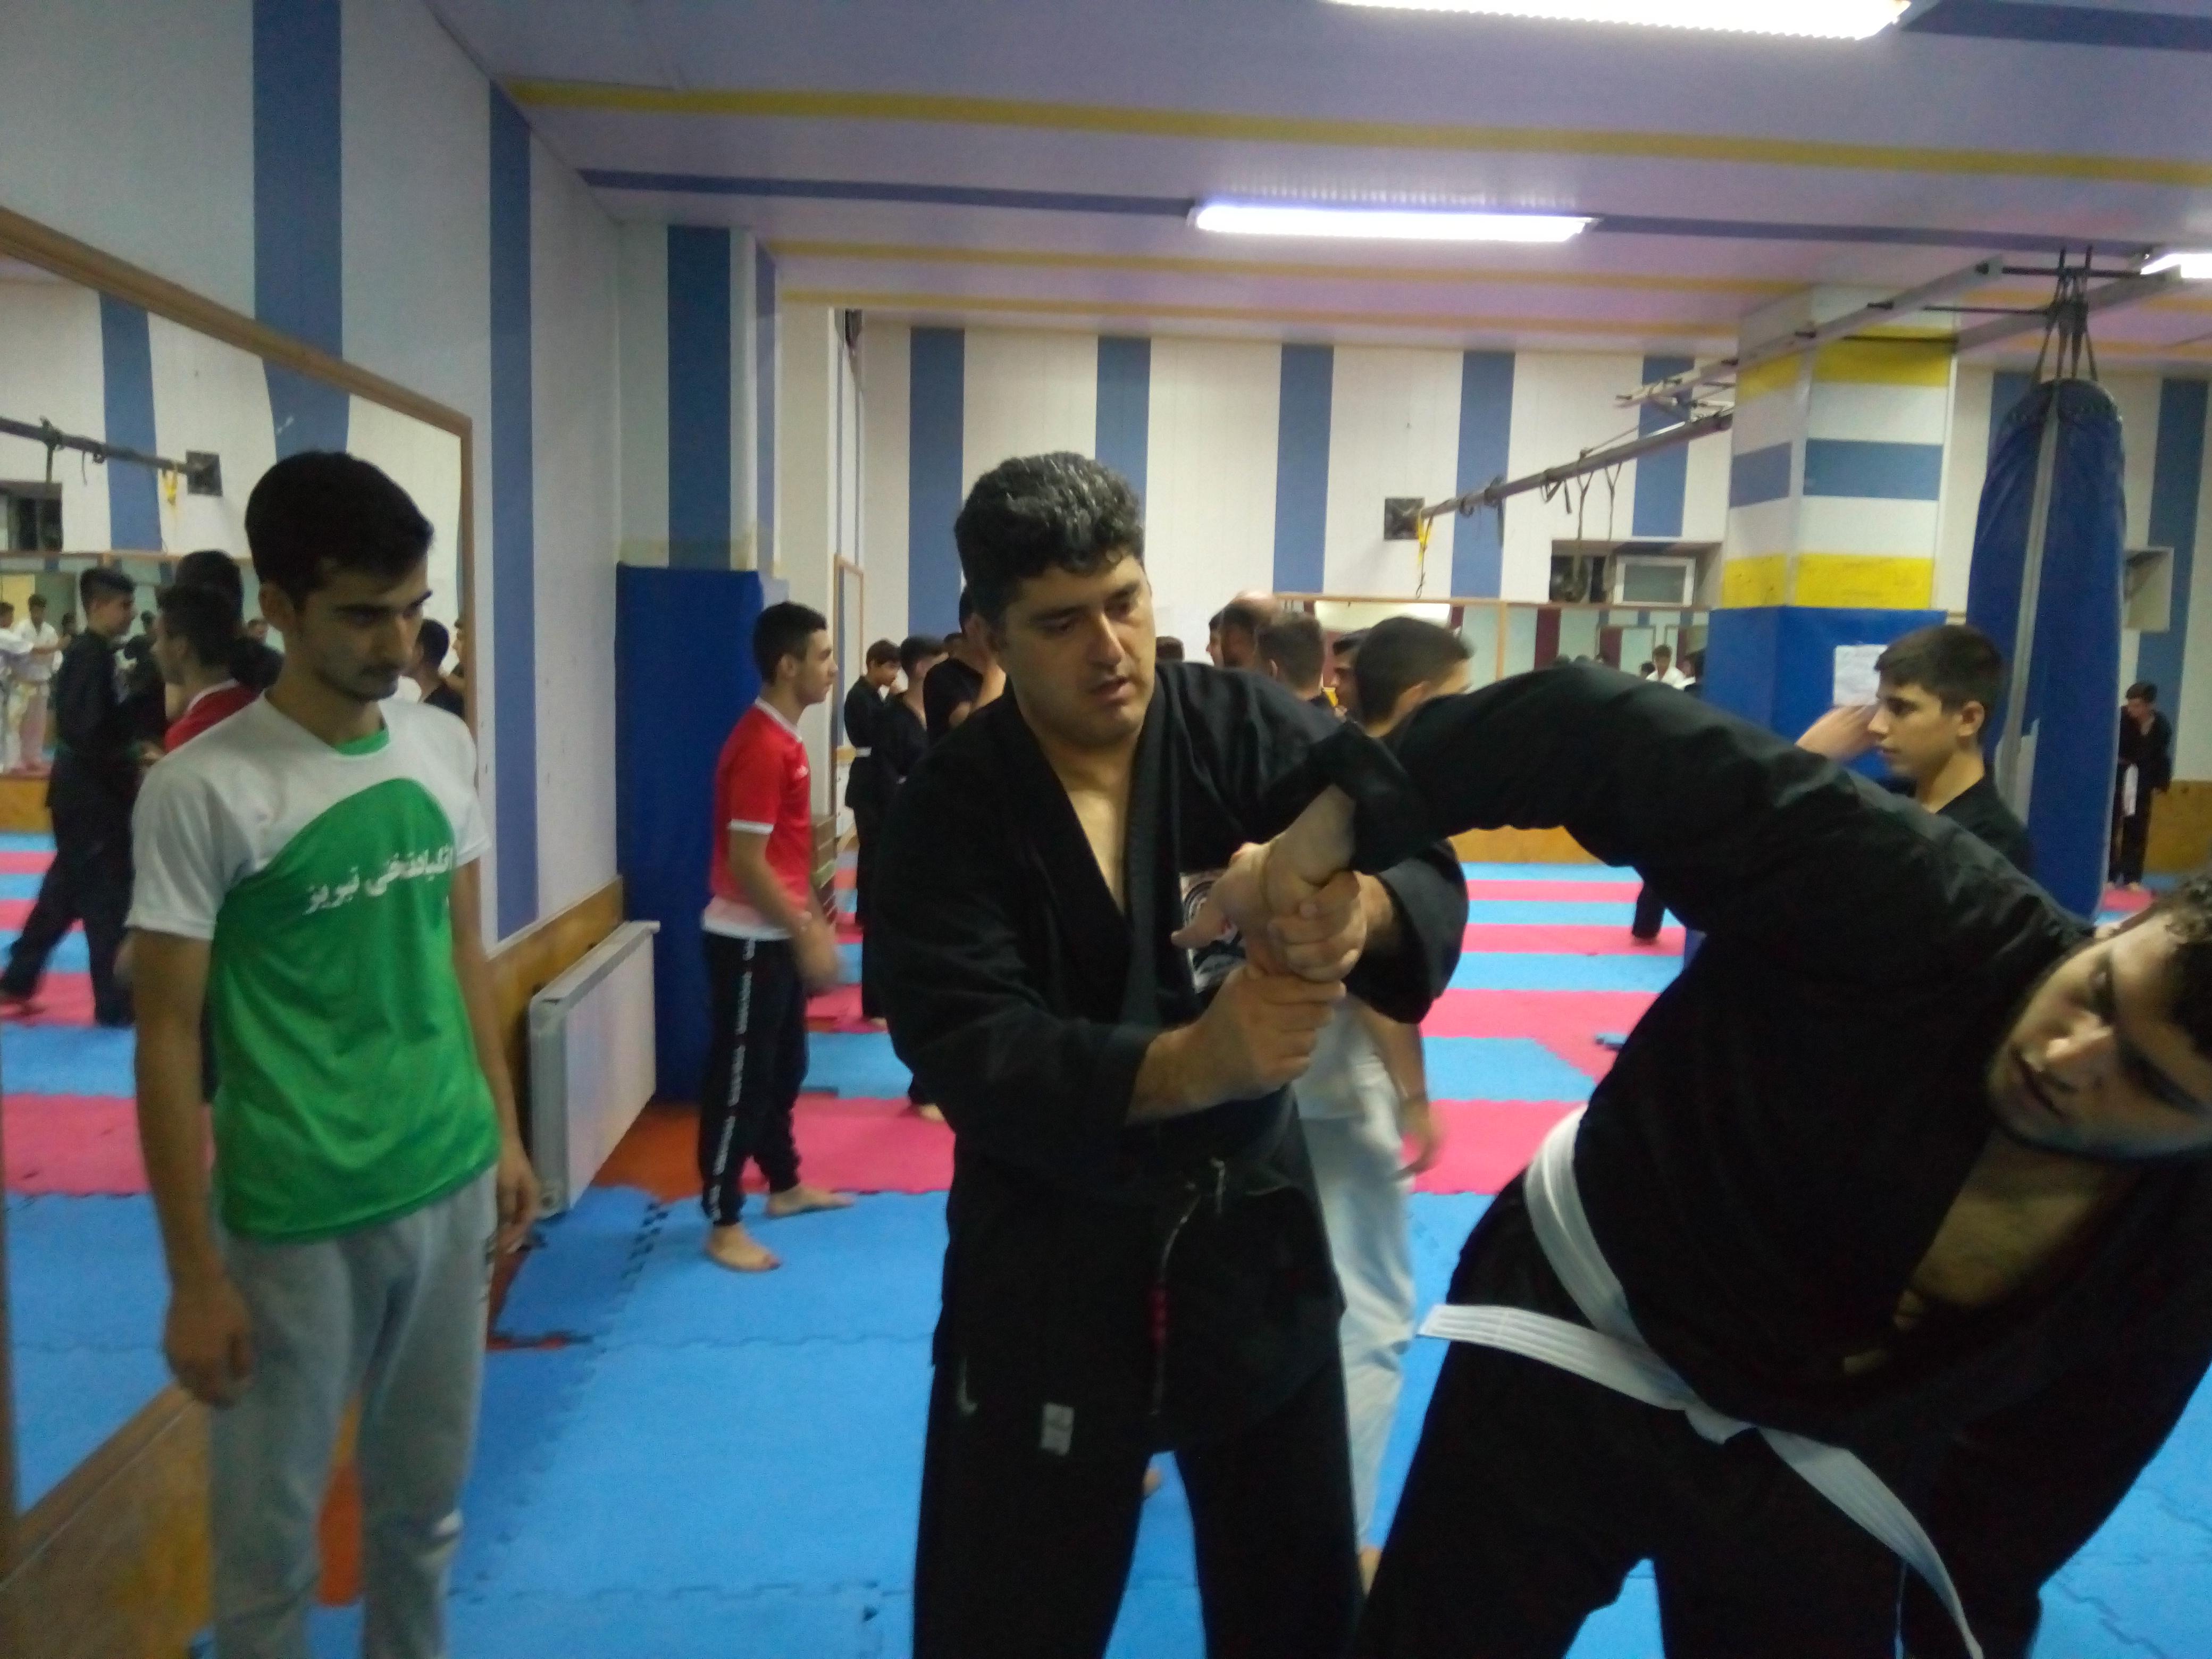 ثبت نام برای کلاس جدید دفاع شخصی در تبریز